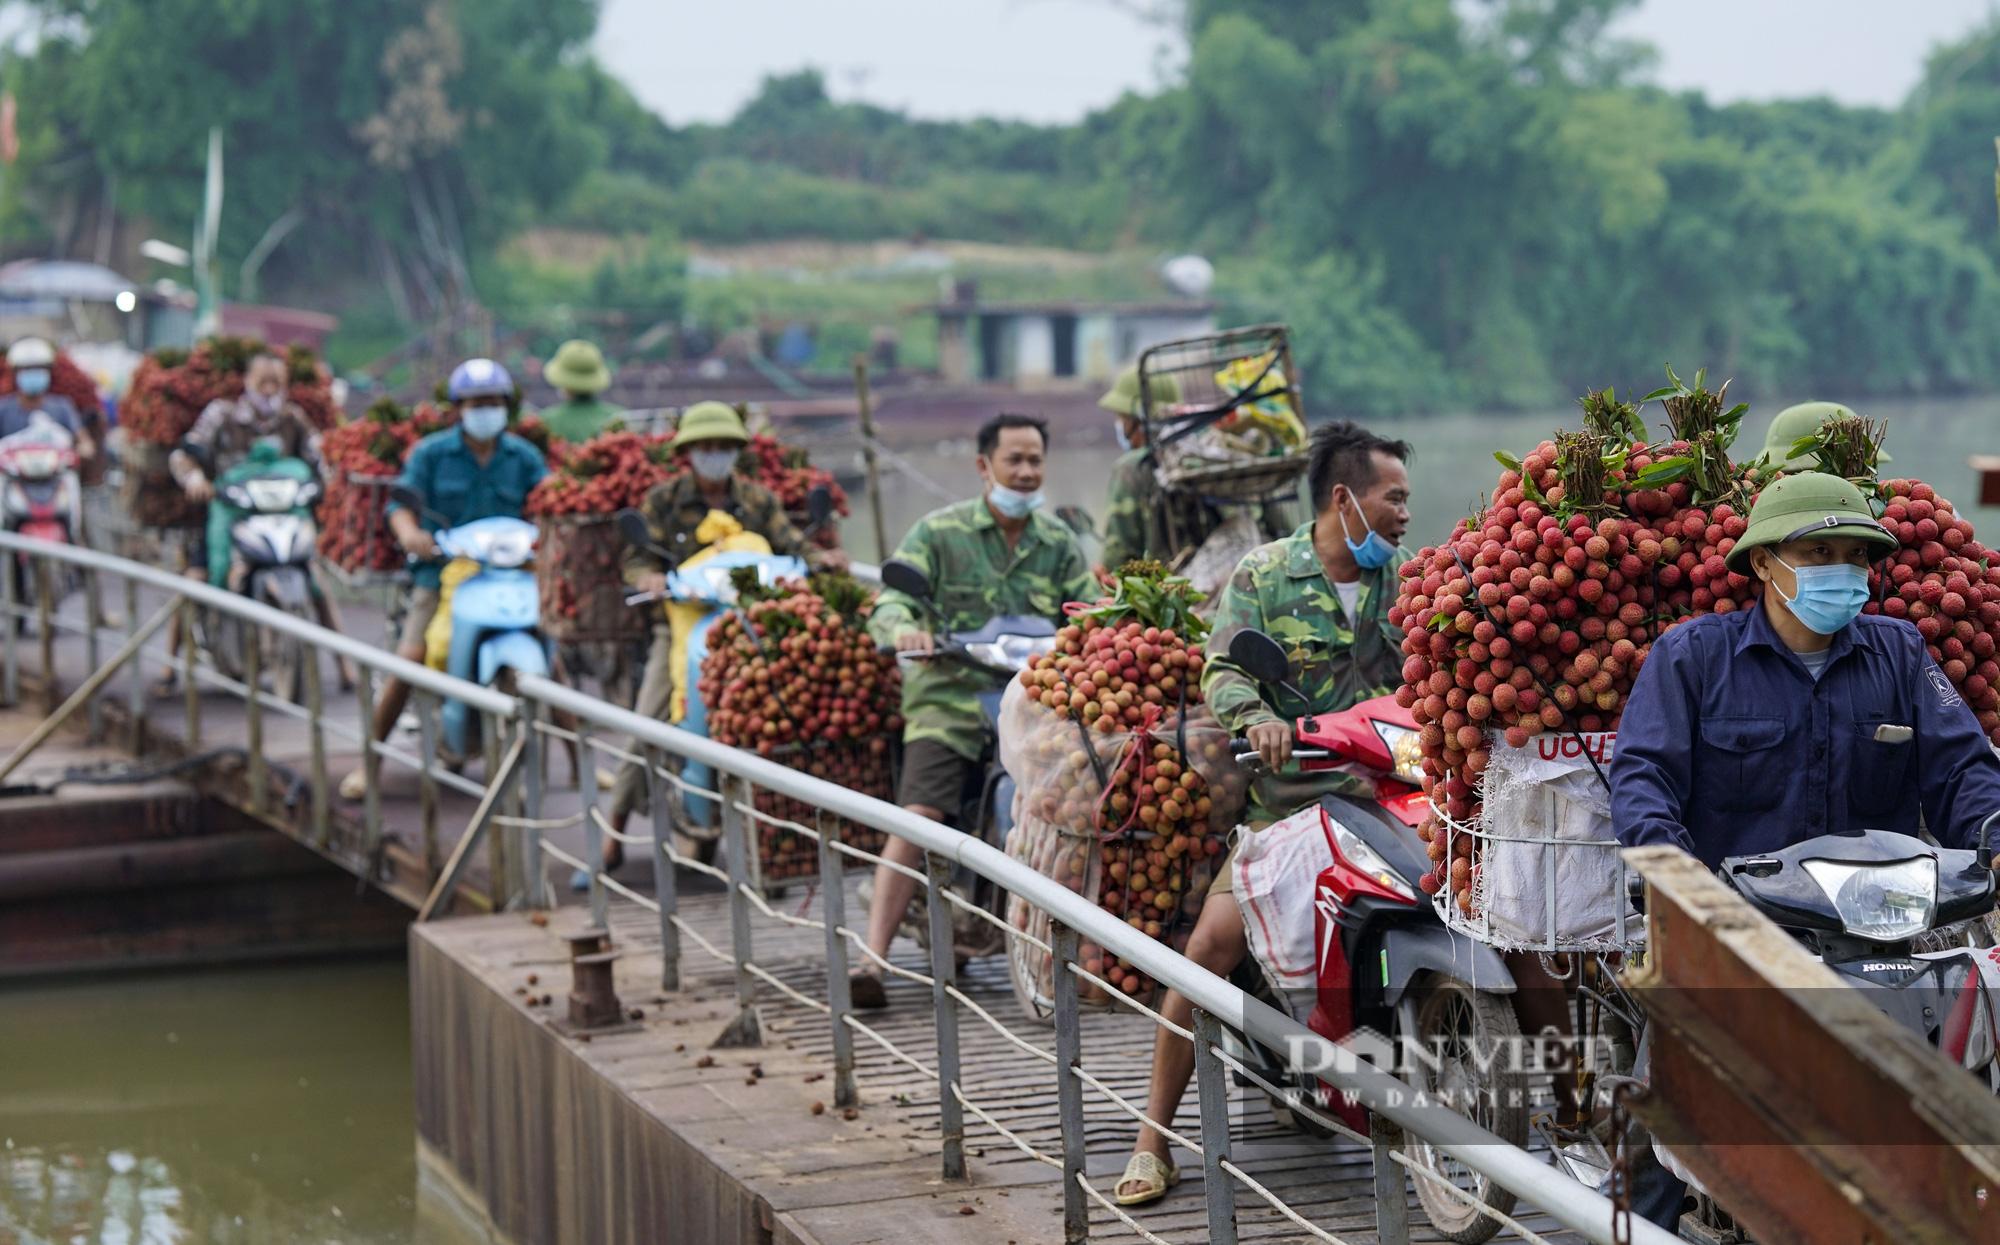 """Người dân """"vồ ếch"""", ngã xuống cầu khi chở vải đi qua cây cầu """"tử thần"""" ở Bắc Giang - Ảnh 11."""